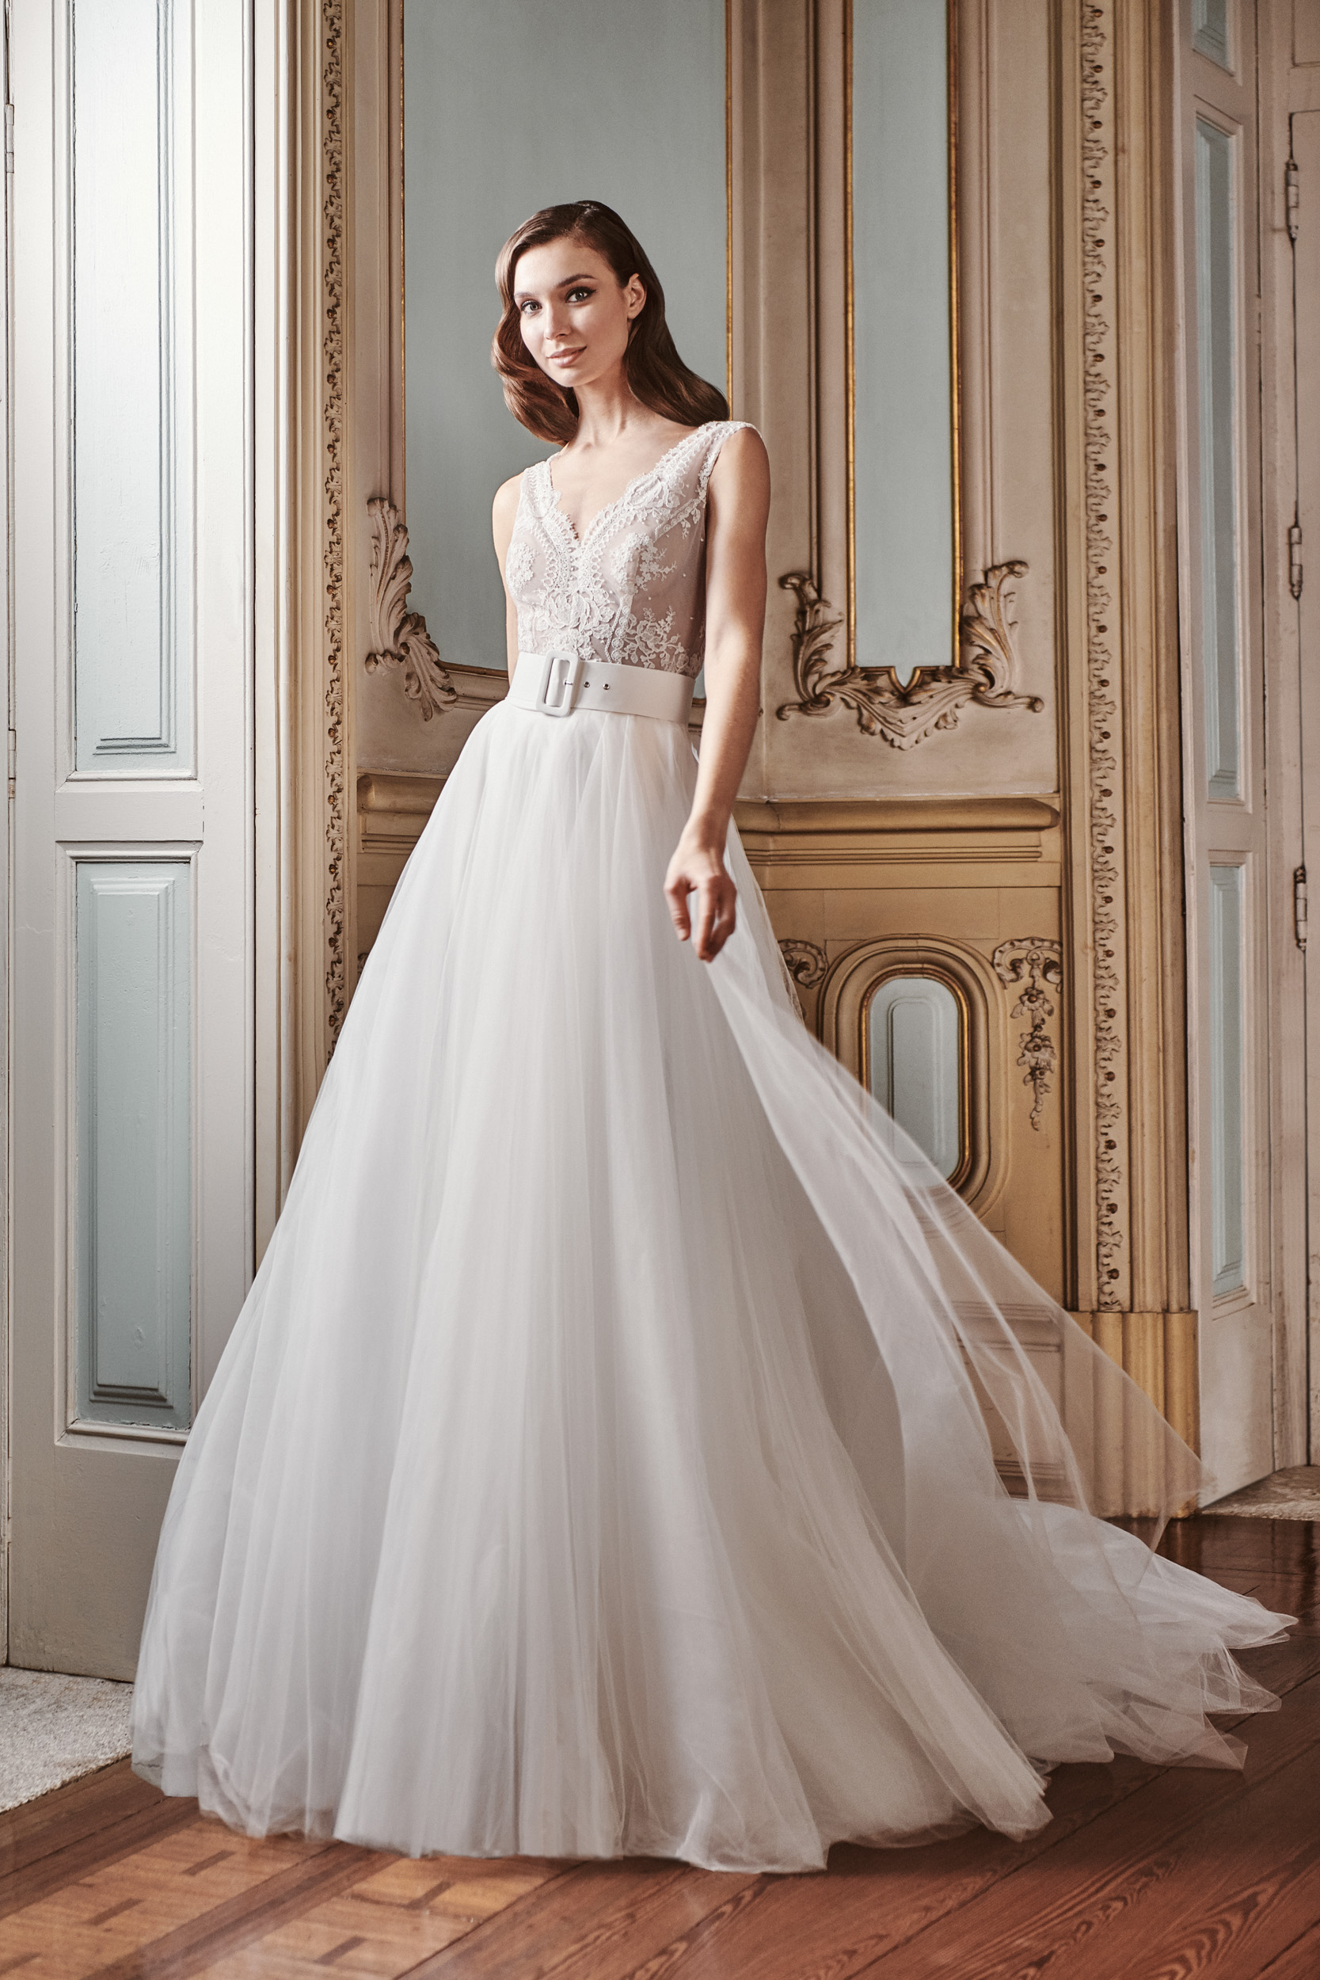 Vestido de novia 2021 - Laredo - tul